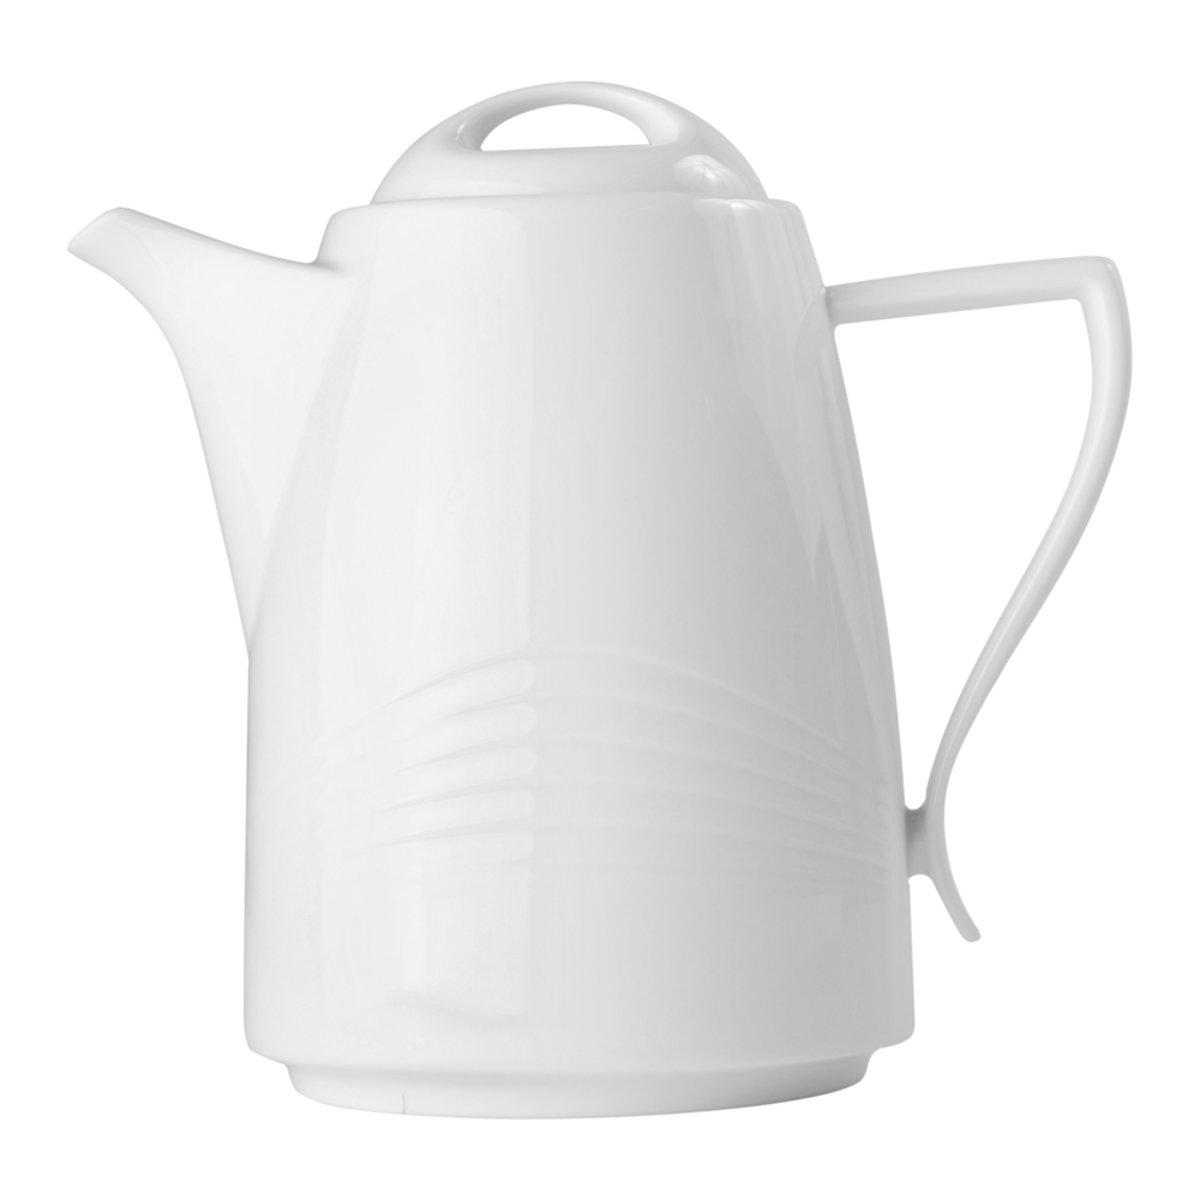 Tetera Tapa Redonda Porcelana 12L Blanco Crown Baccara